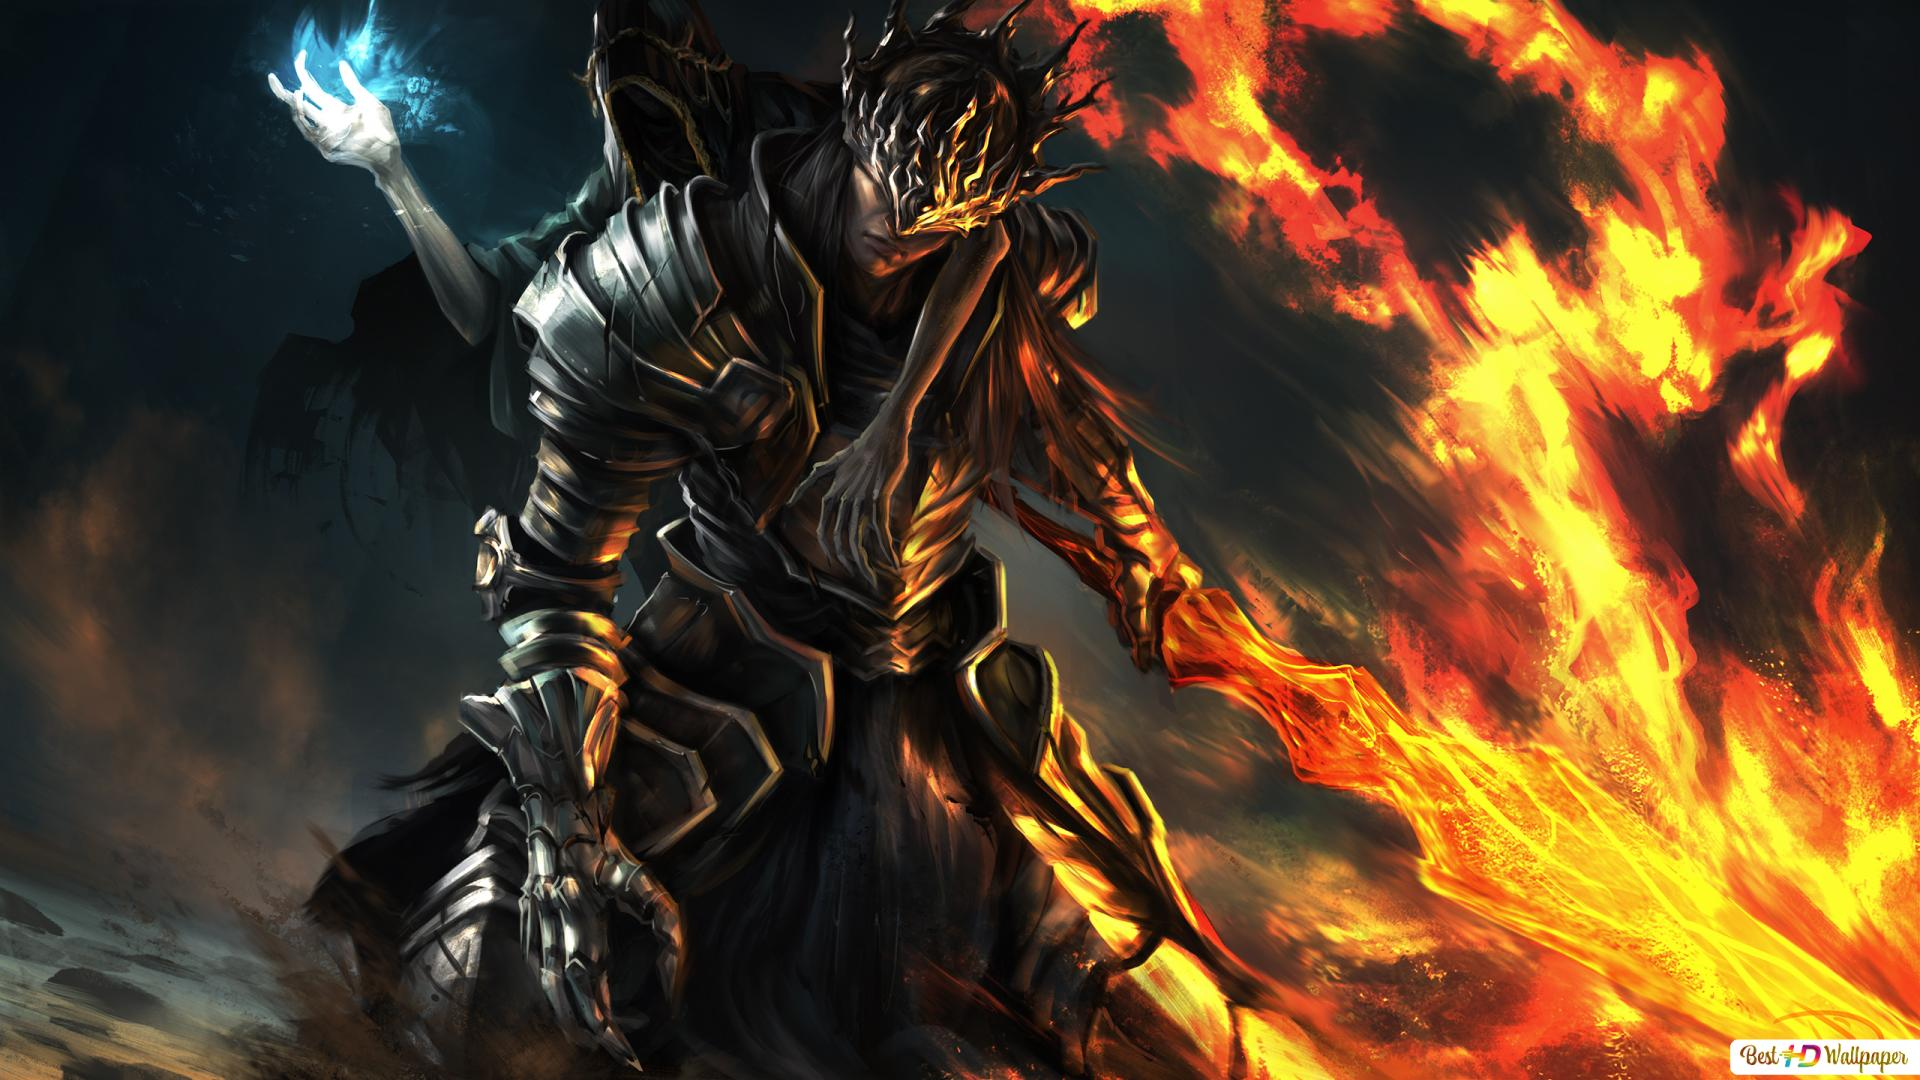 Dark Souls 3 game - Twin prince (Lorian